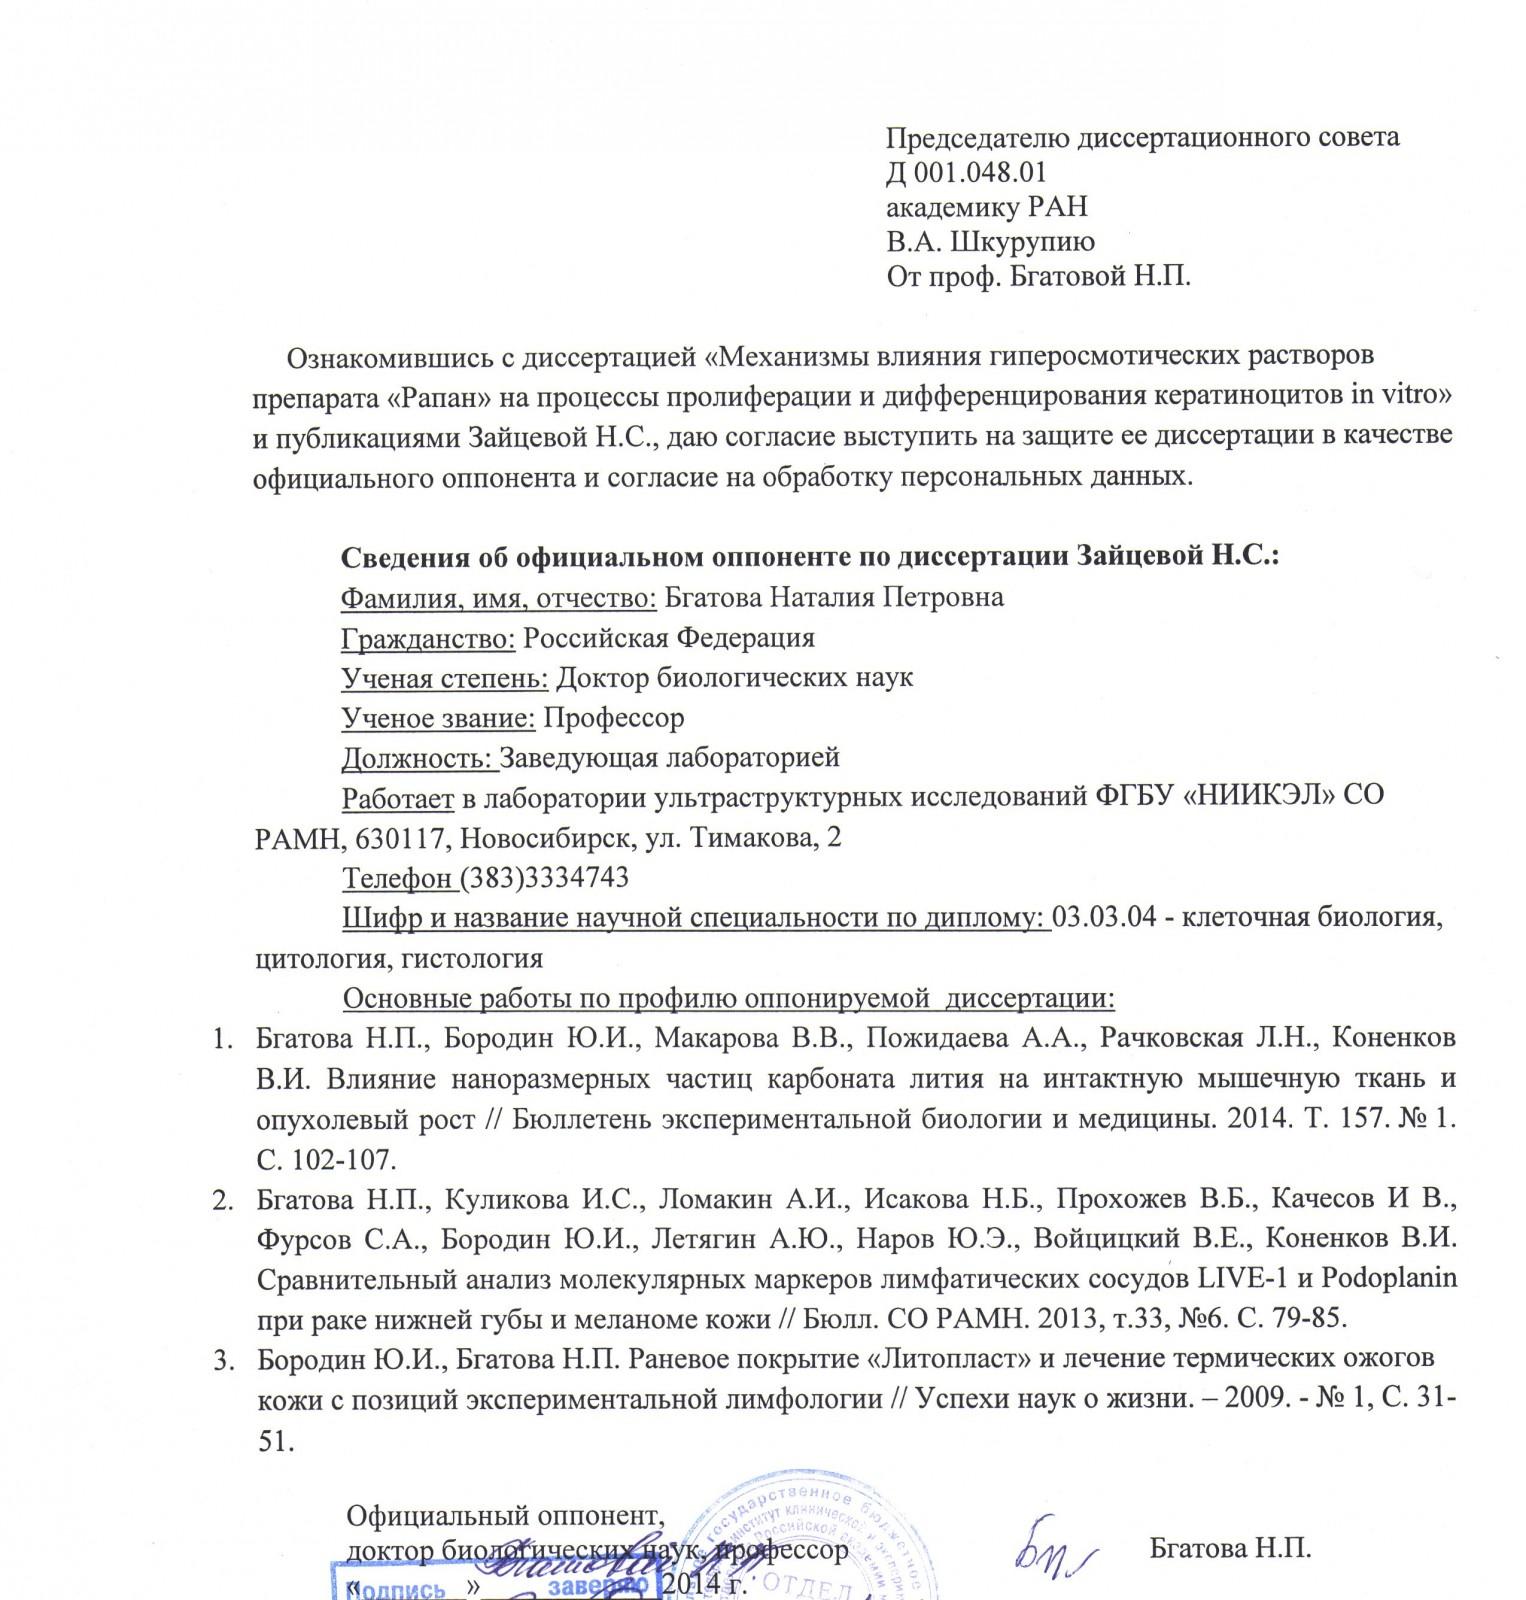 диссертация отзыв научного руководителя образец